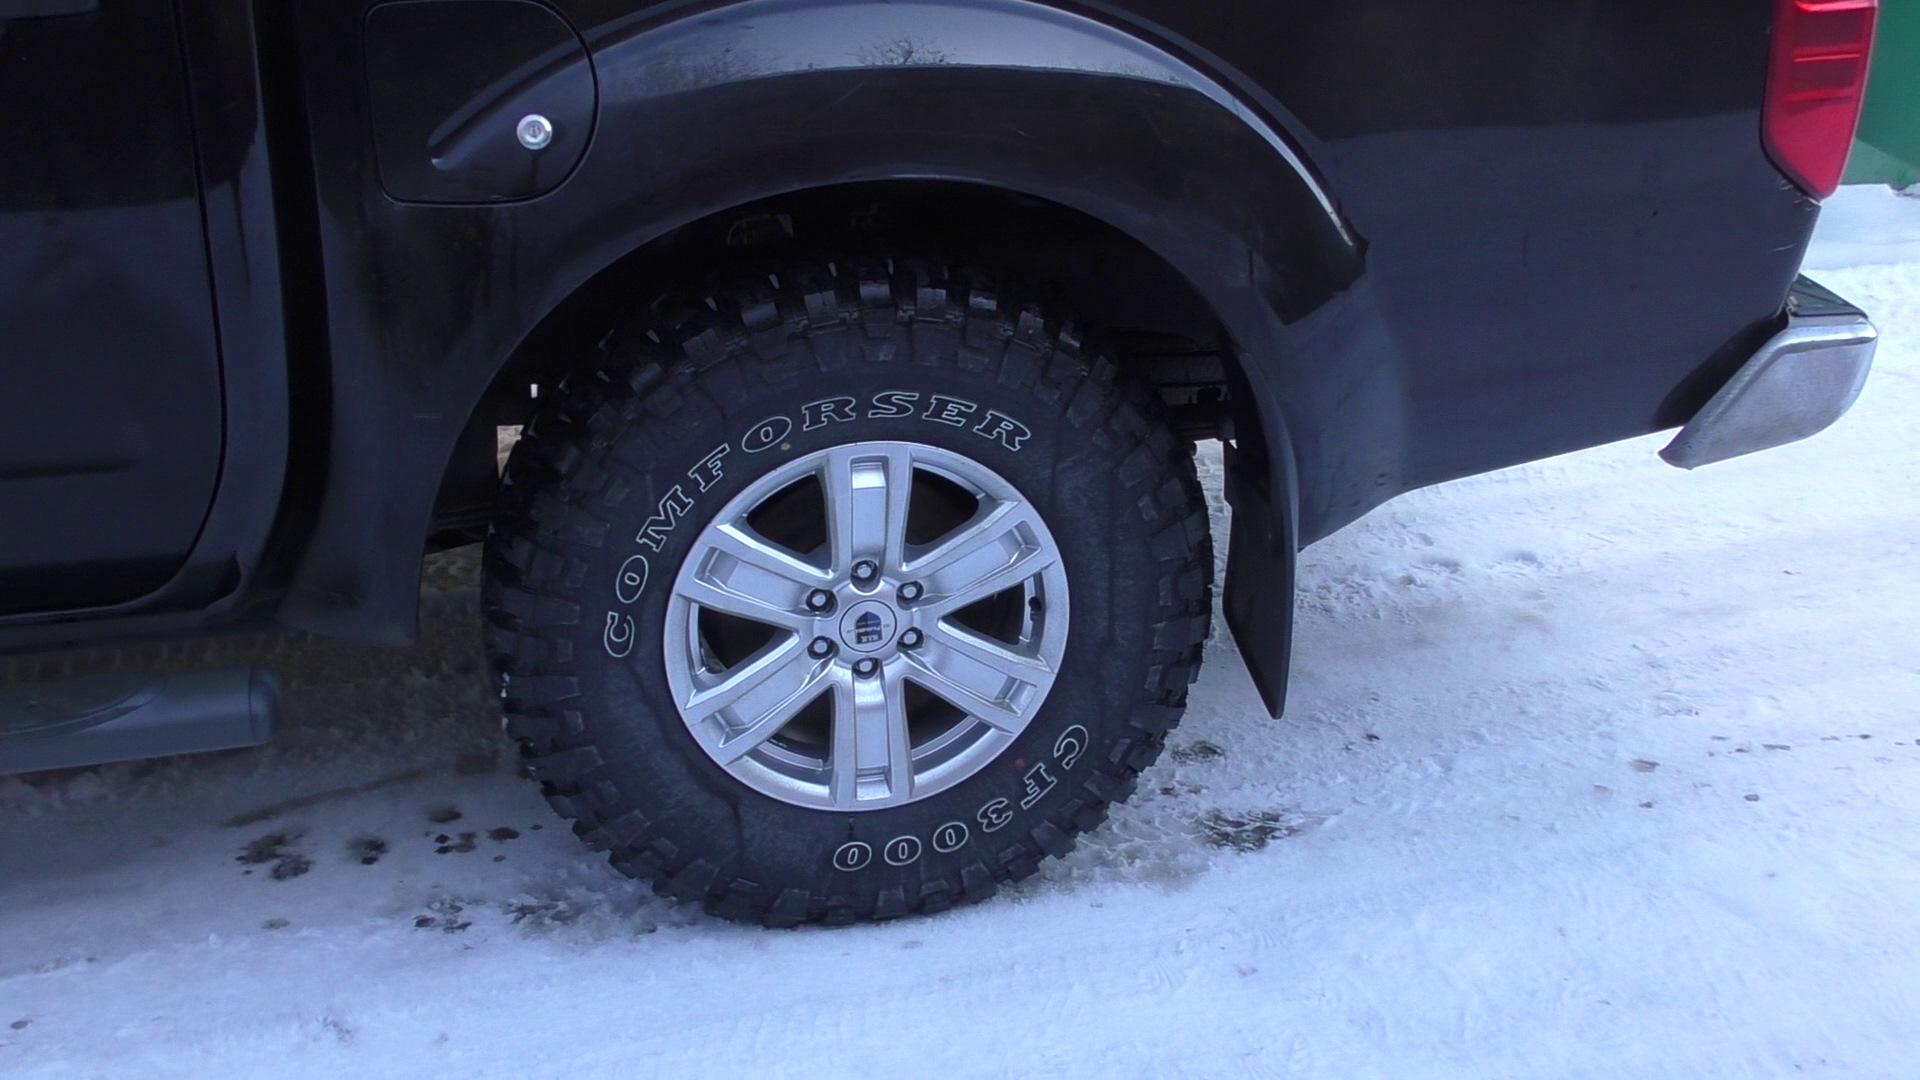 Новые колеса на машине. Весьма бюджетная обновка, если вы посмотрите сколько вообще в магазинах стоят сейчас диски и шины. Этот вариант прям совсем недорогой.